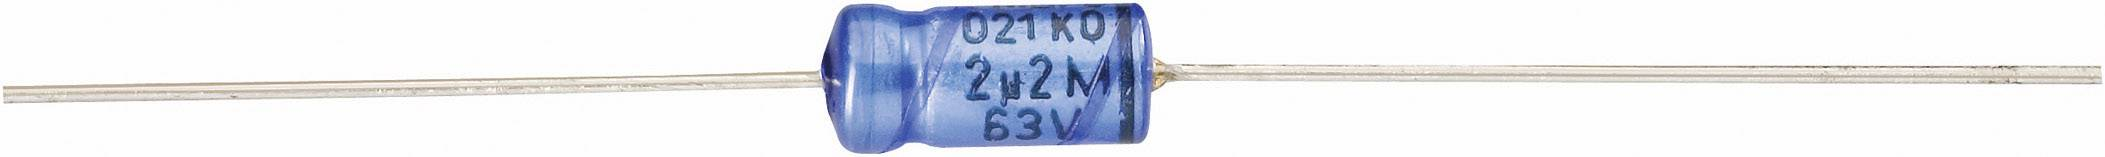 Elektrolytický kondenzátor Vishay 2222 021 17472, axiálne vývody, 4700 µF, 40 V, 20 %, 1 ks